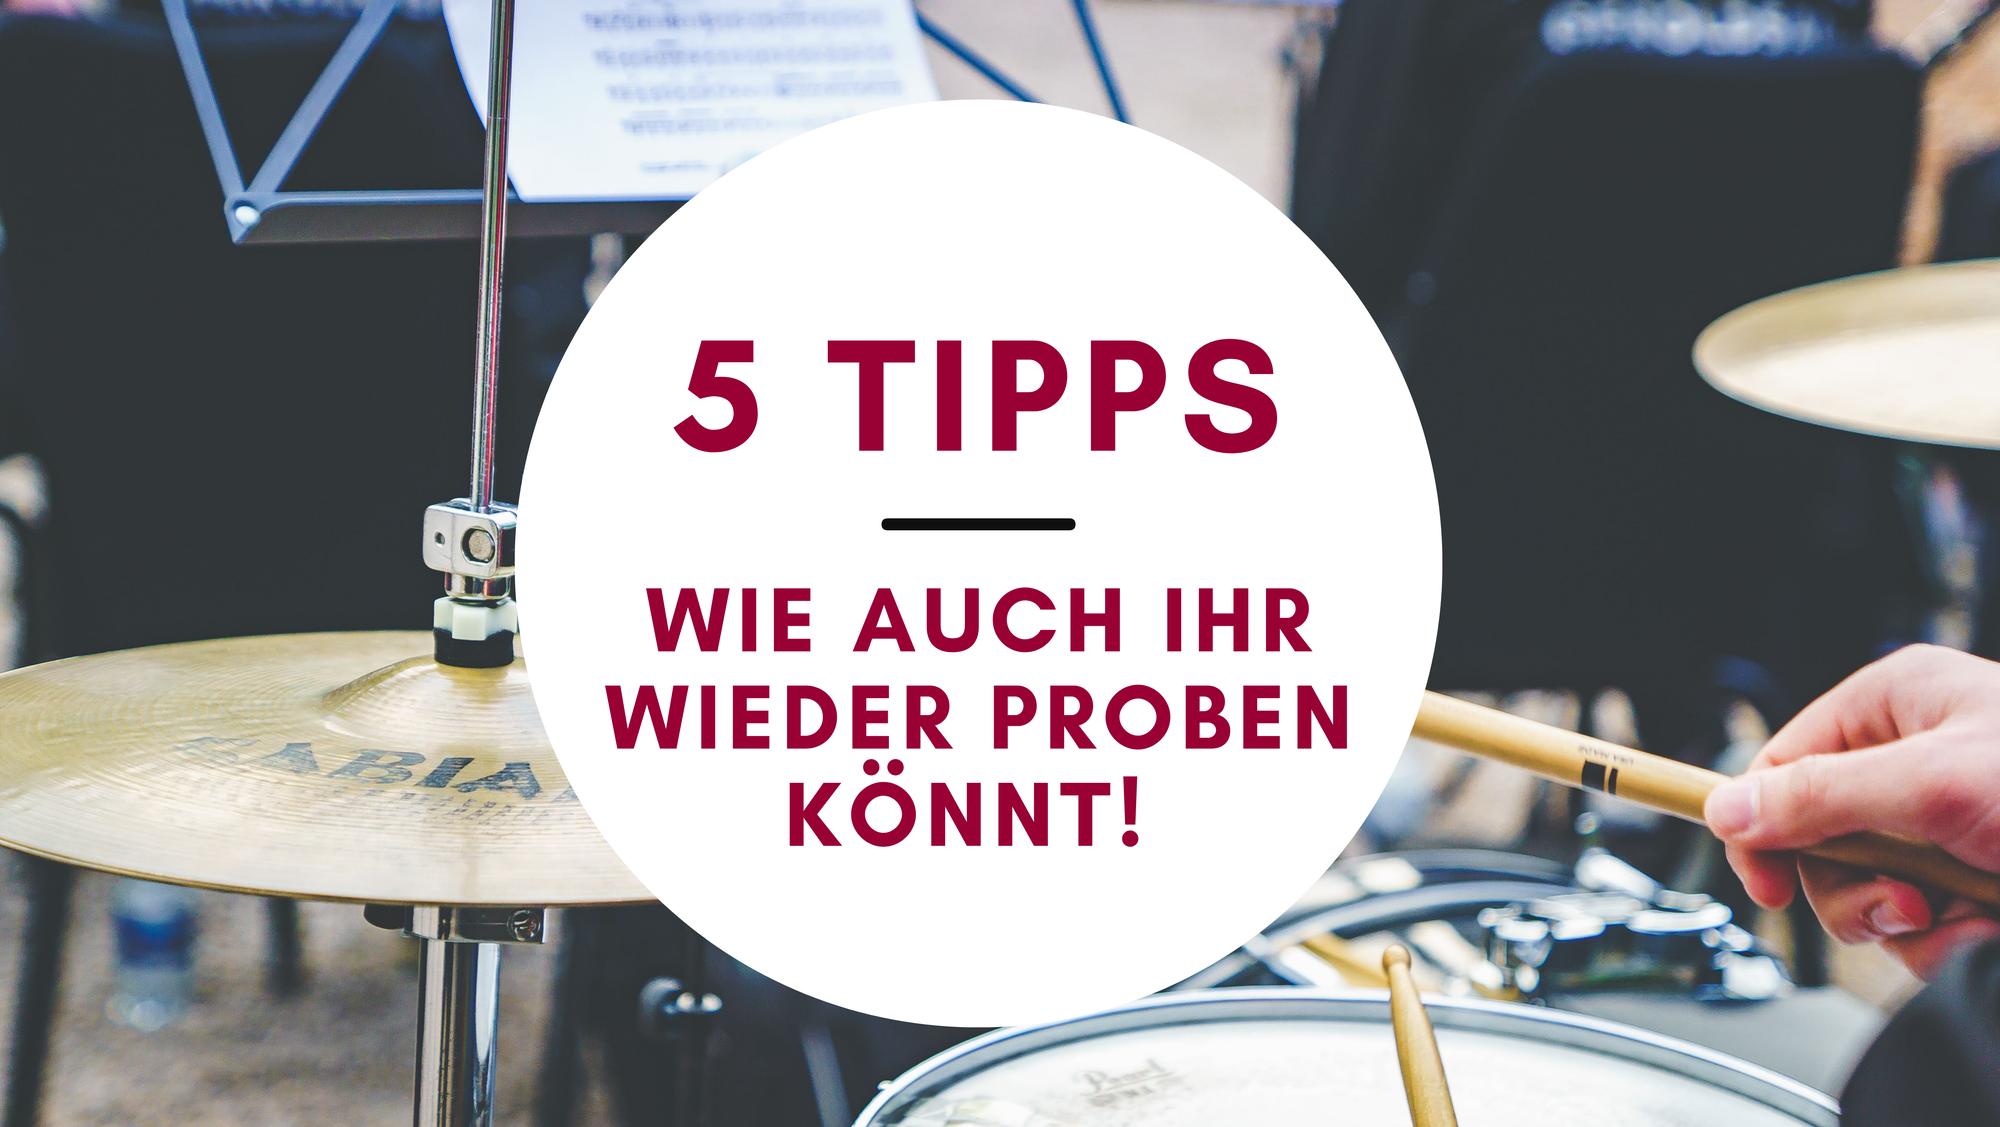 5 Tipps, wie auch ihr wieder proben könnt!